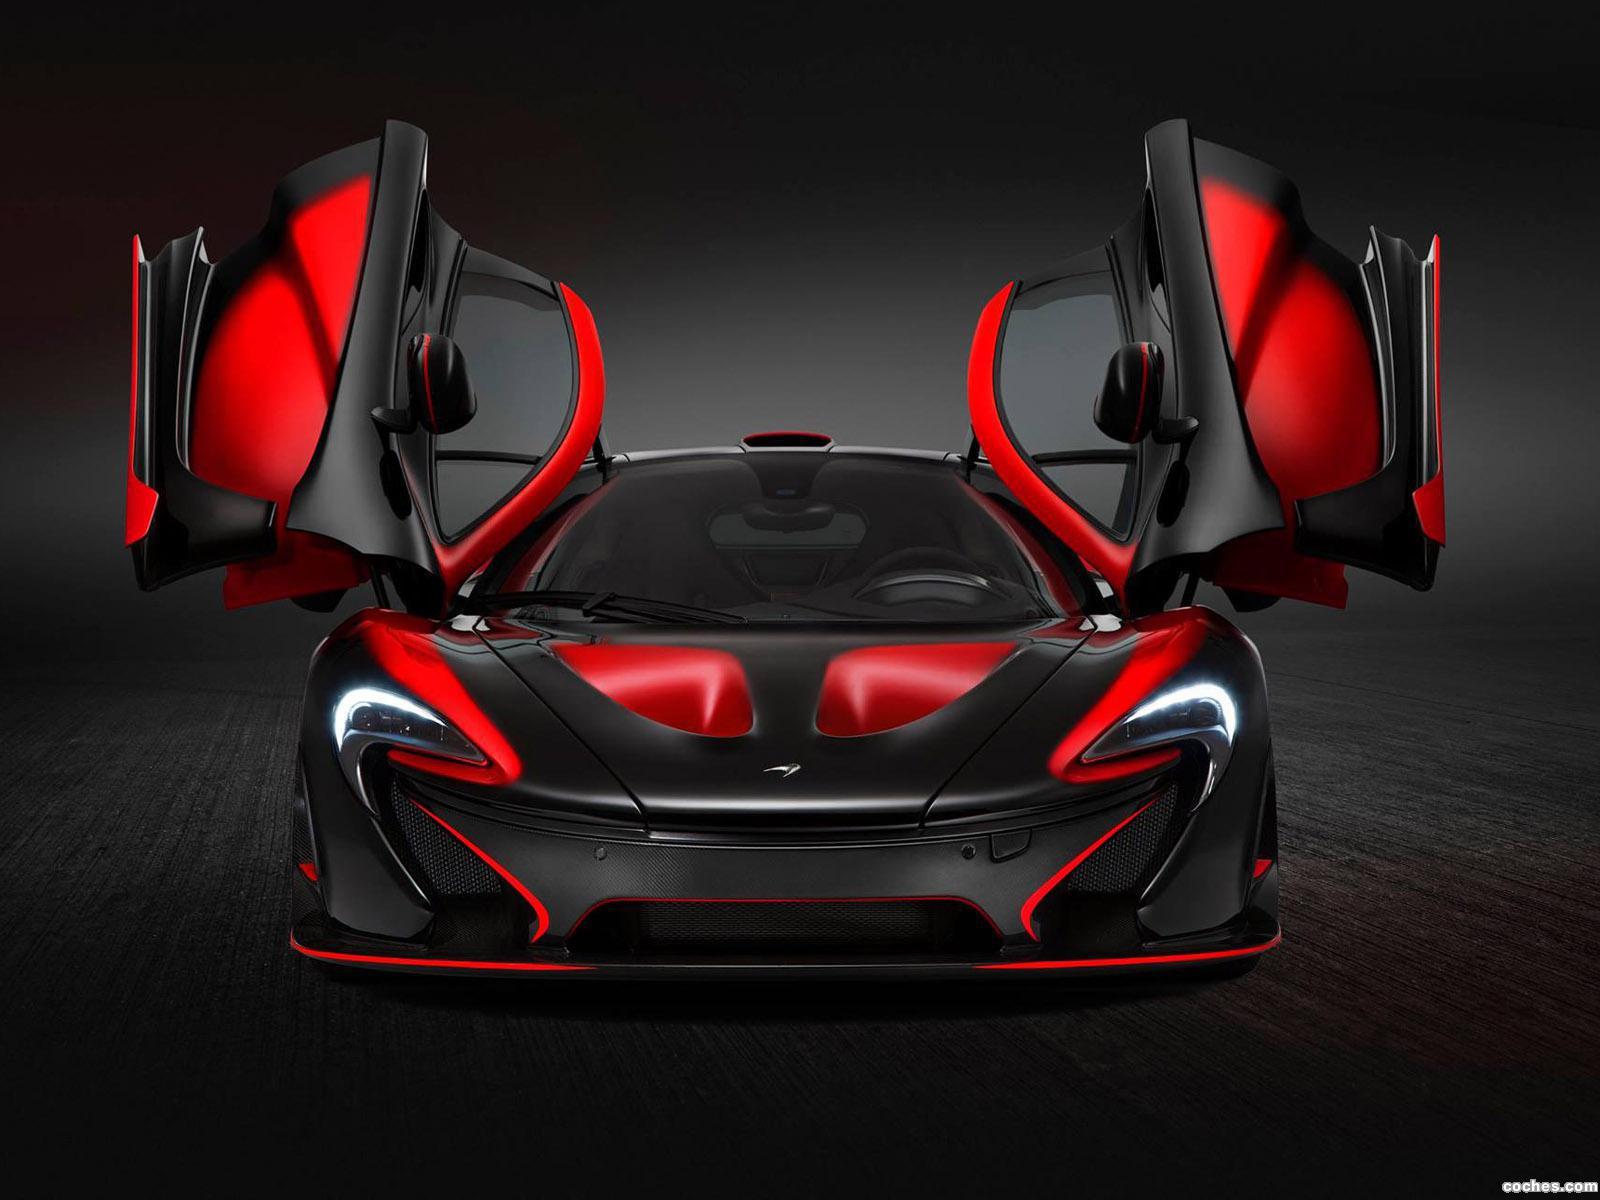 Foto 0 de McLaren P1 MSO Mclaren Special Operations 2015